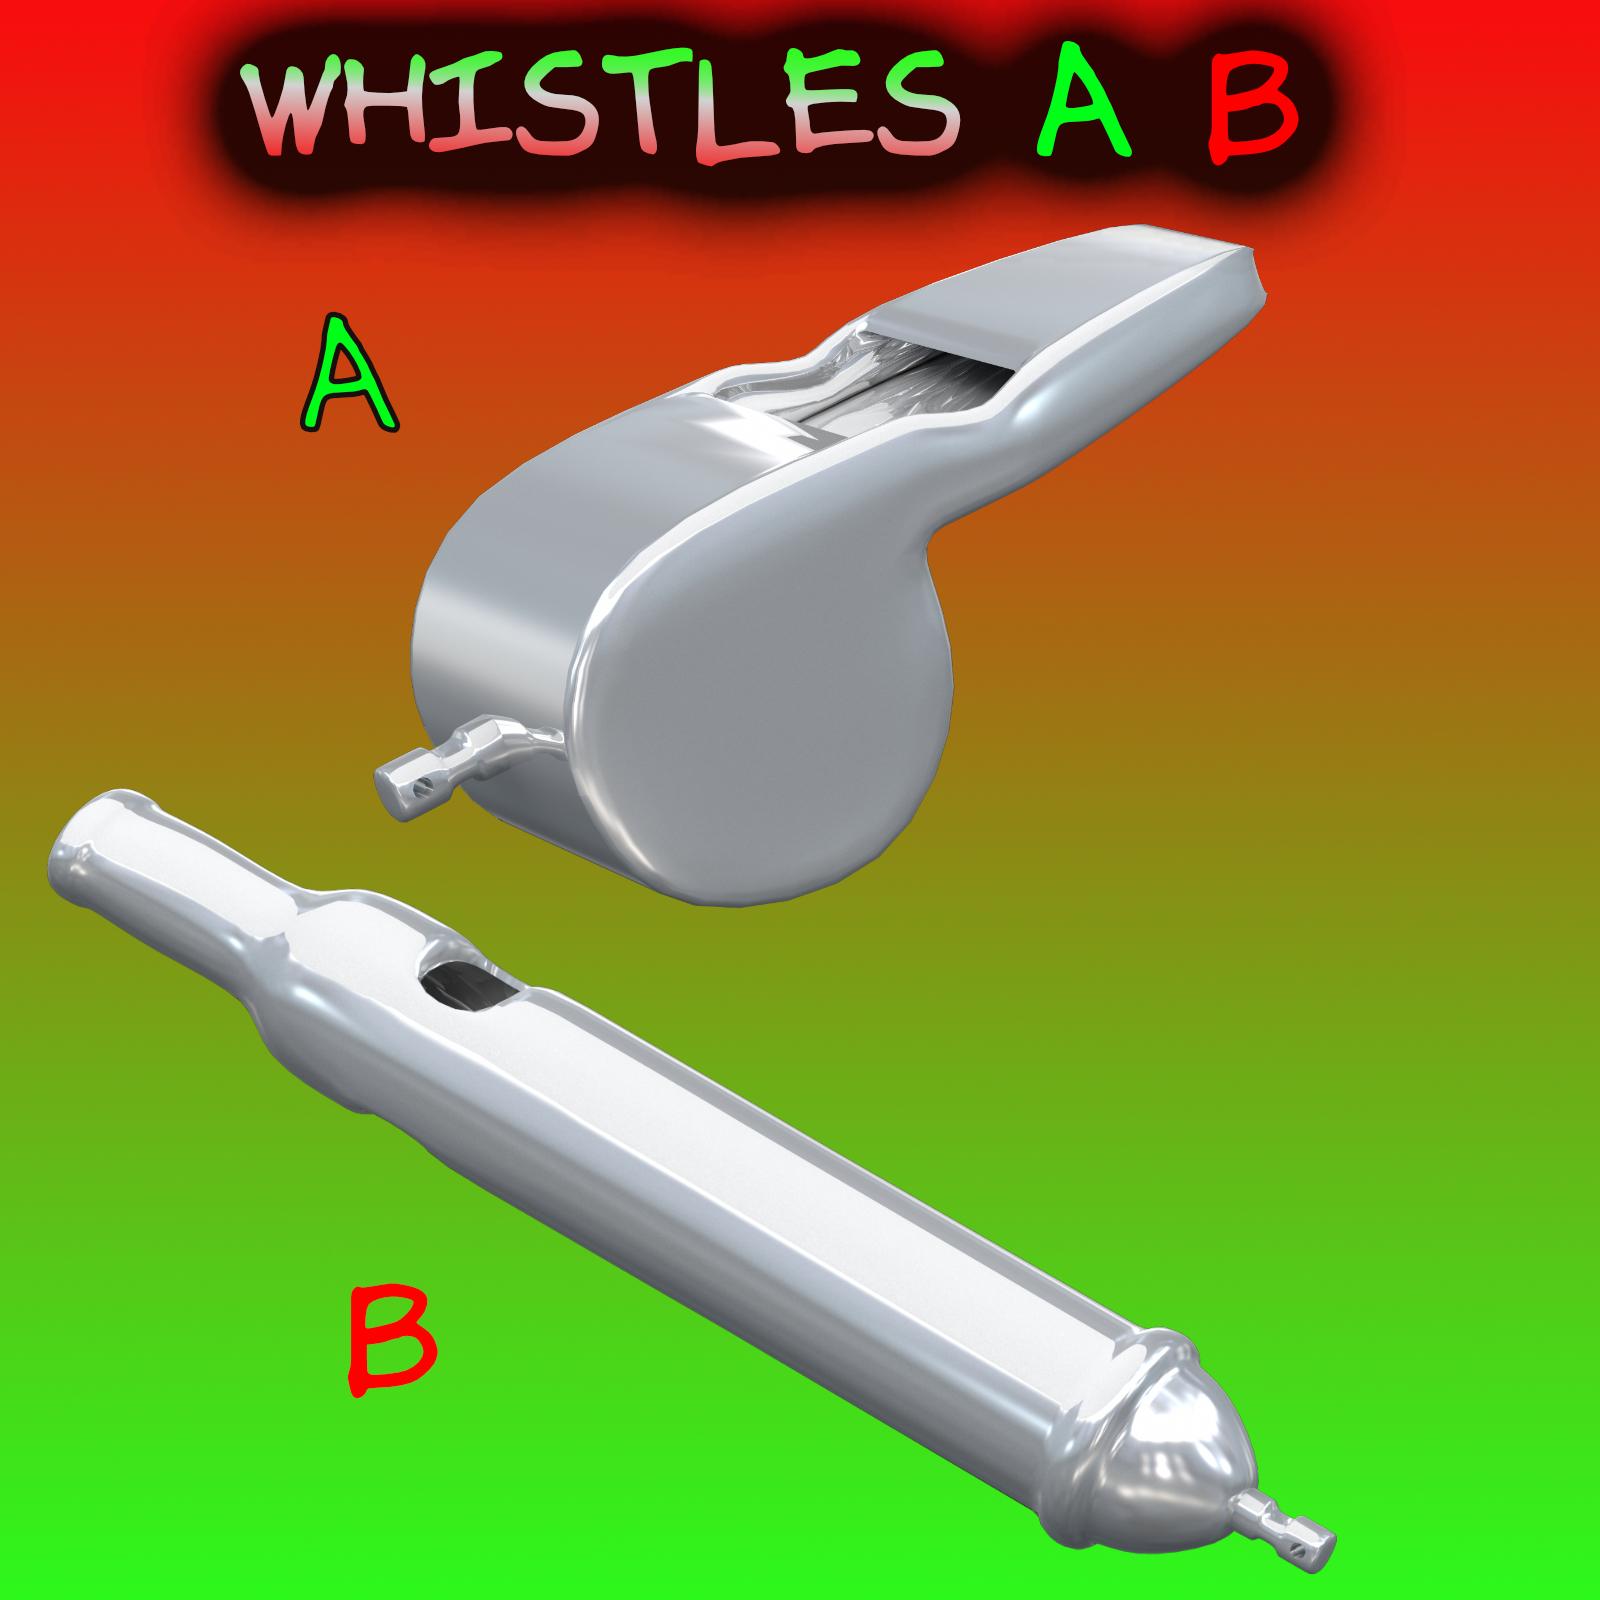 whistles fbx_obj 3d model fbx obj 269012